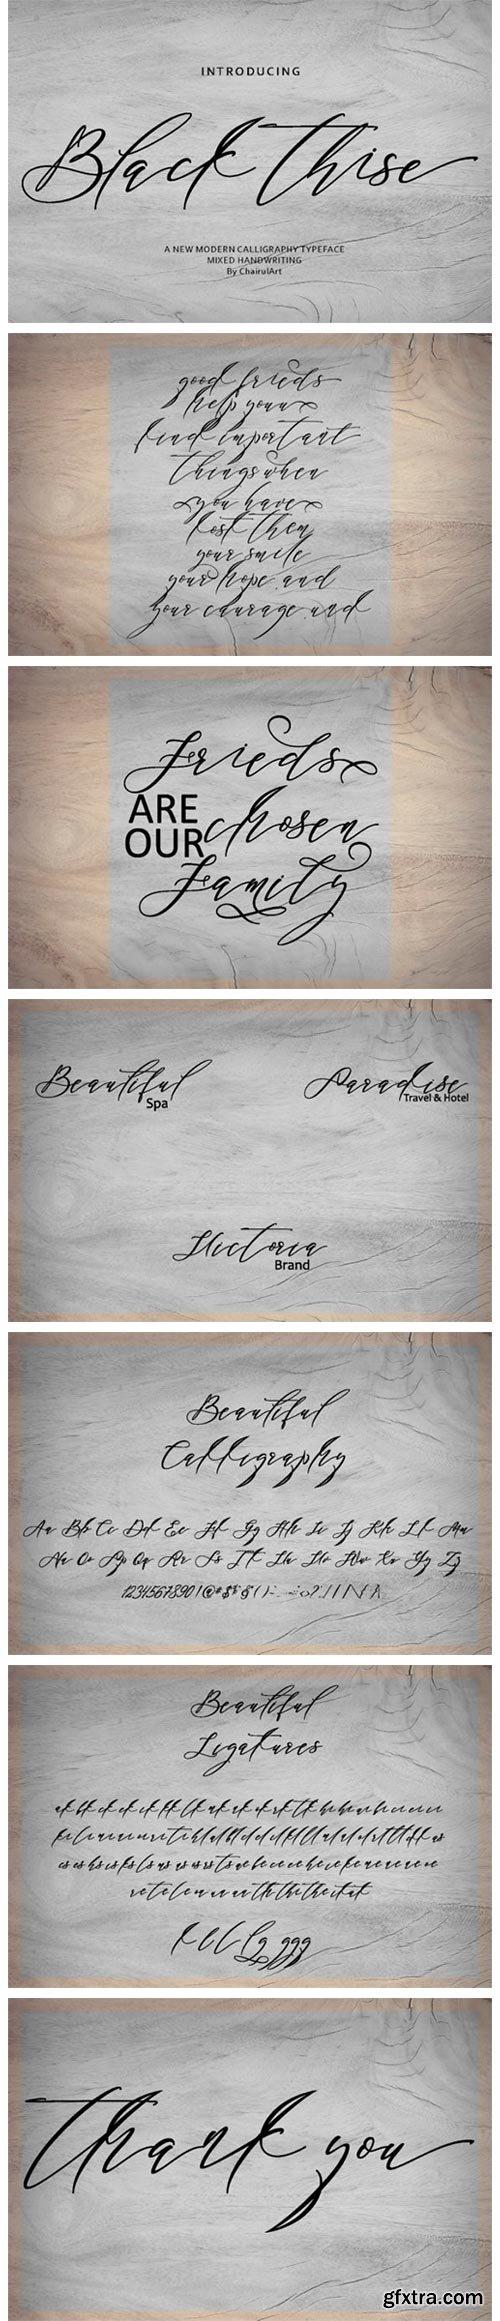 Black Thise Font